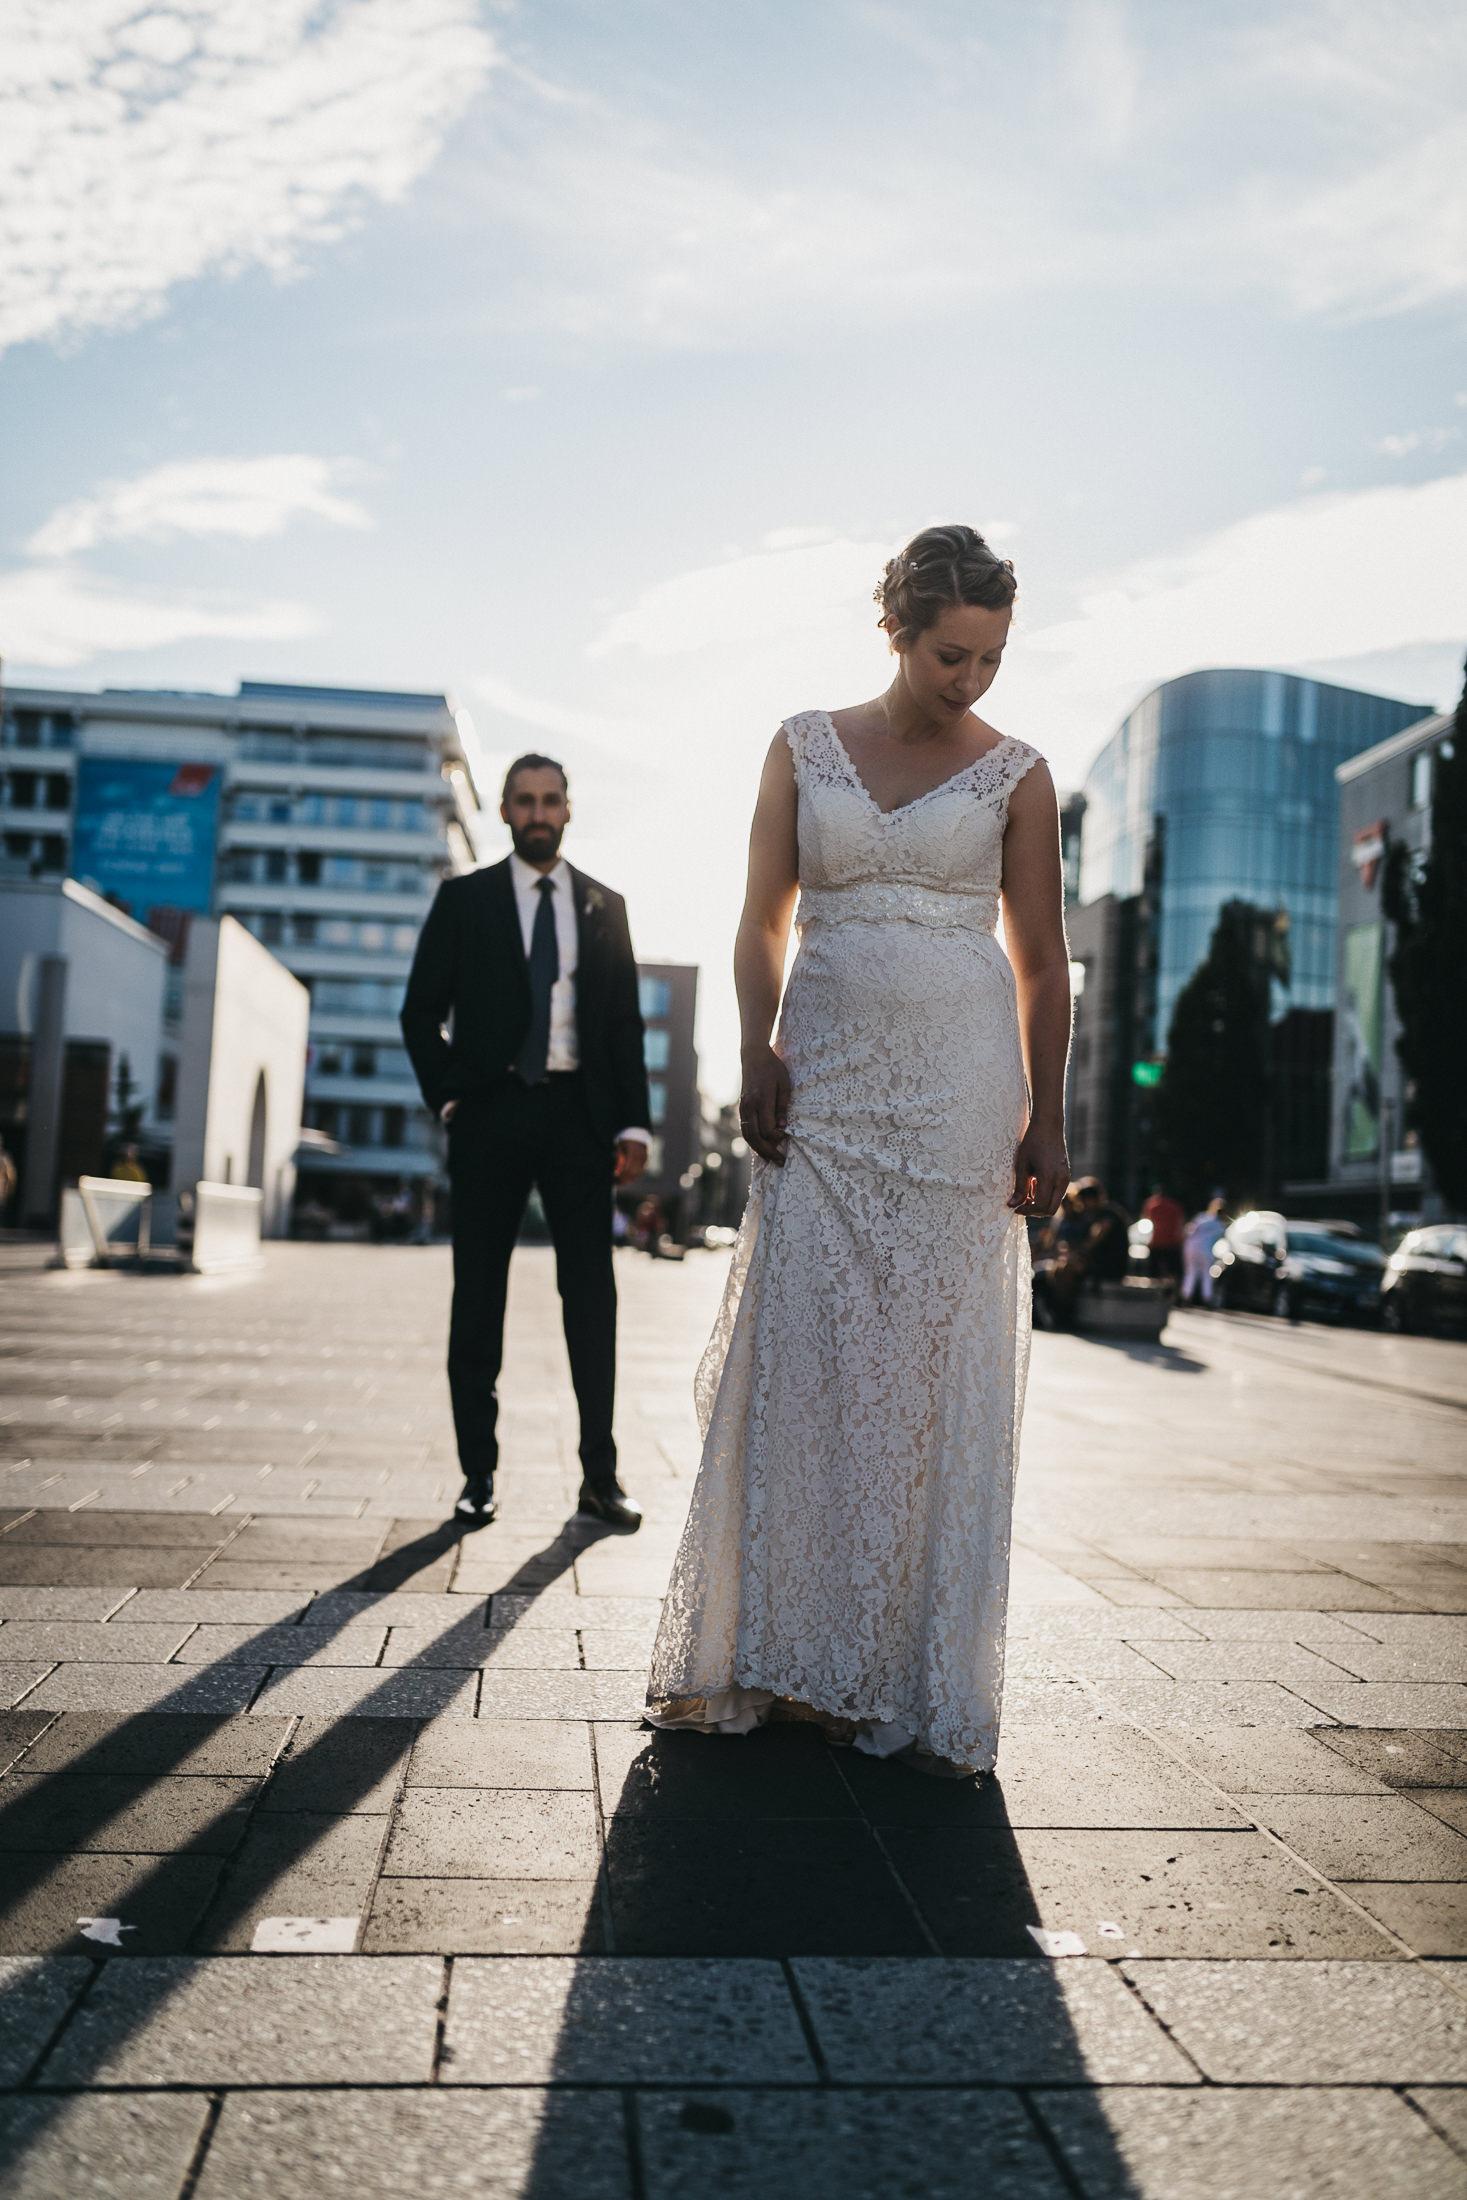 Jessi-Niko-Hochzeit-Nuernberg-city-urban-Bildervomleben-7J0A4659